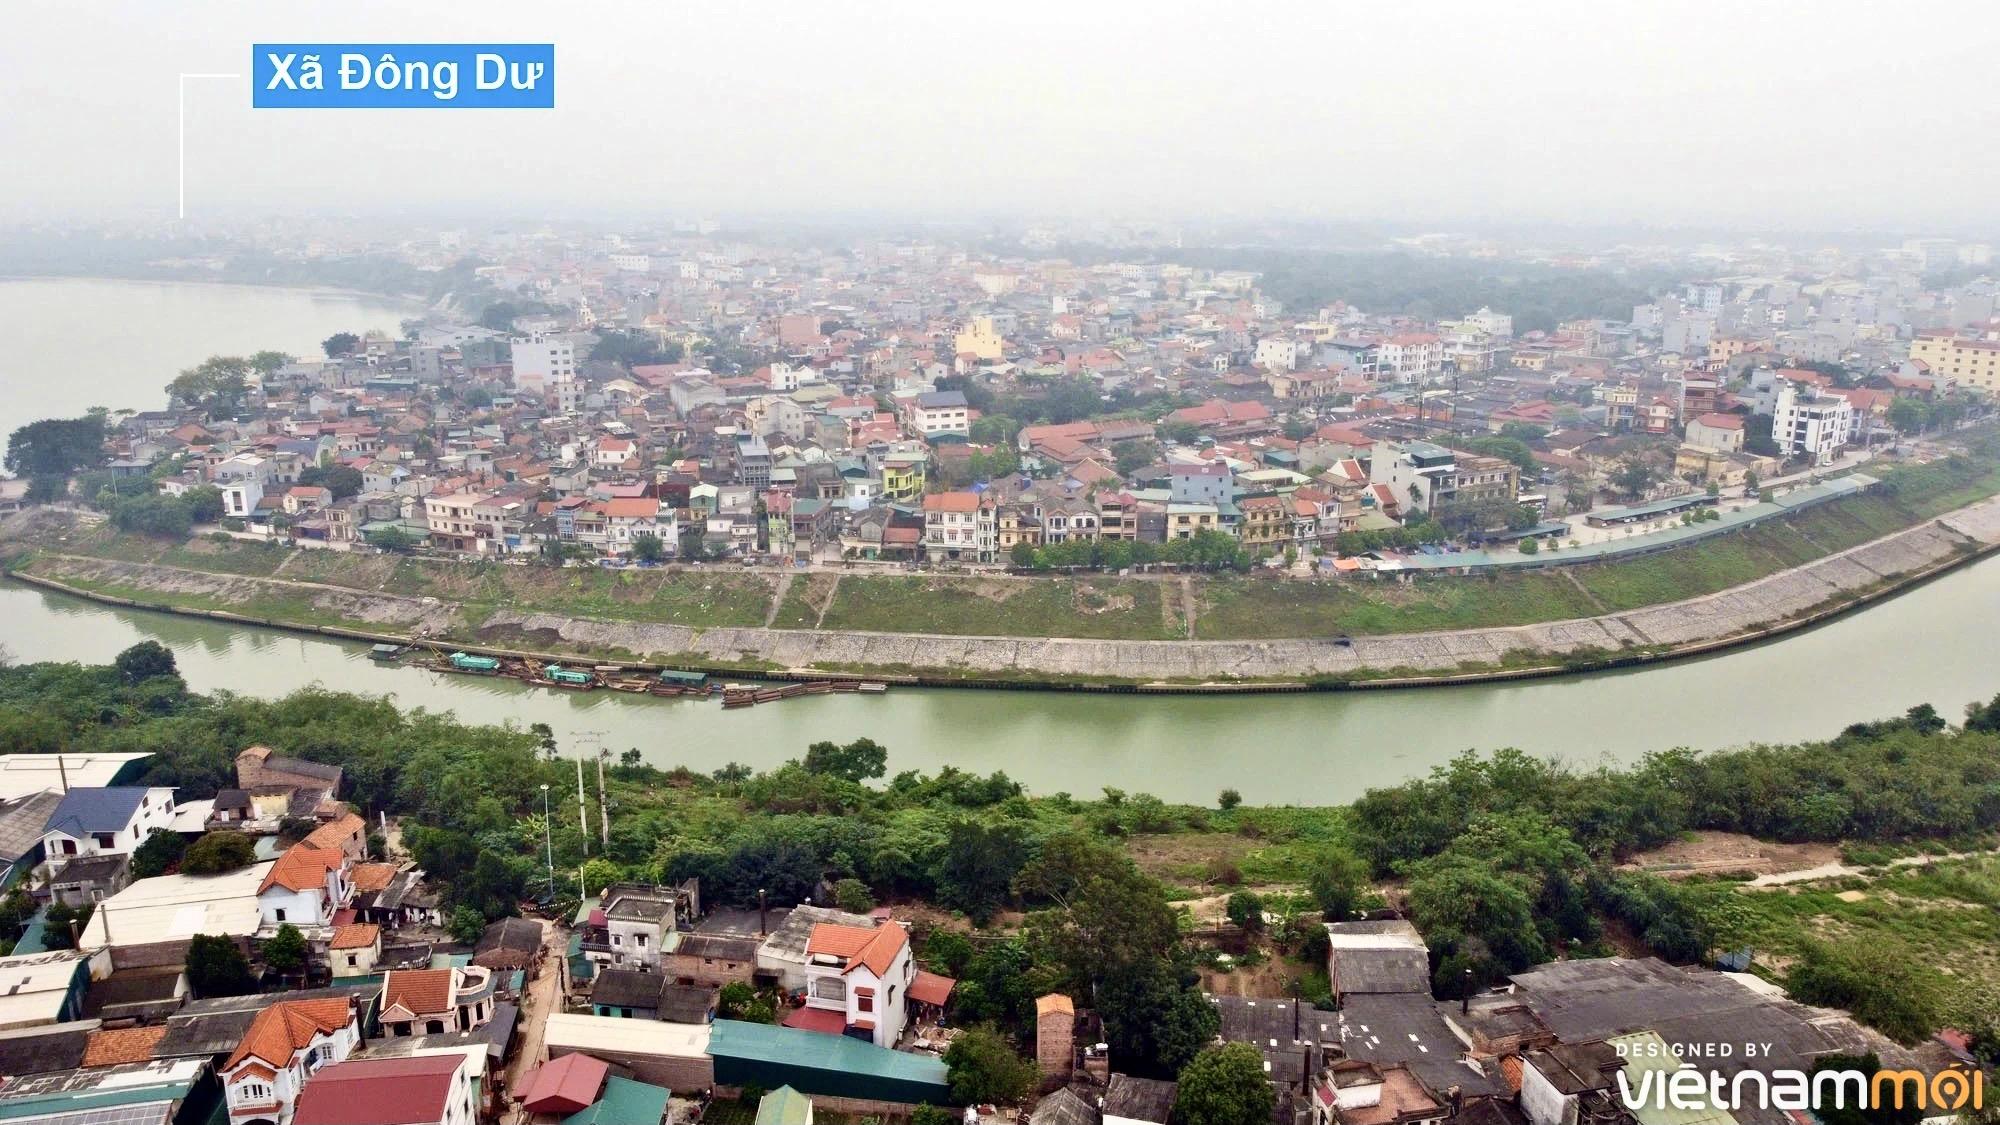 Phê duyệt kế hoạch sử dụng đất quận Gia Lâm năm 2021,  triển khai thêm 23 dự án mới  - Ảnh 1.